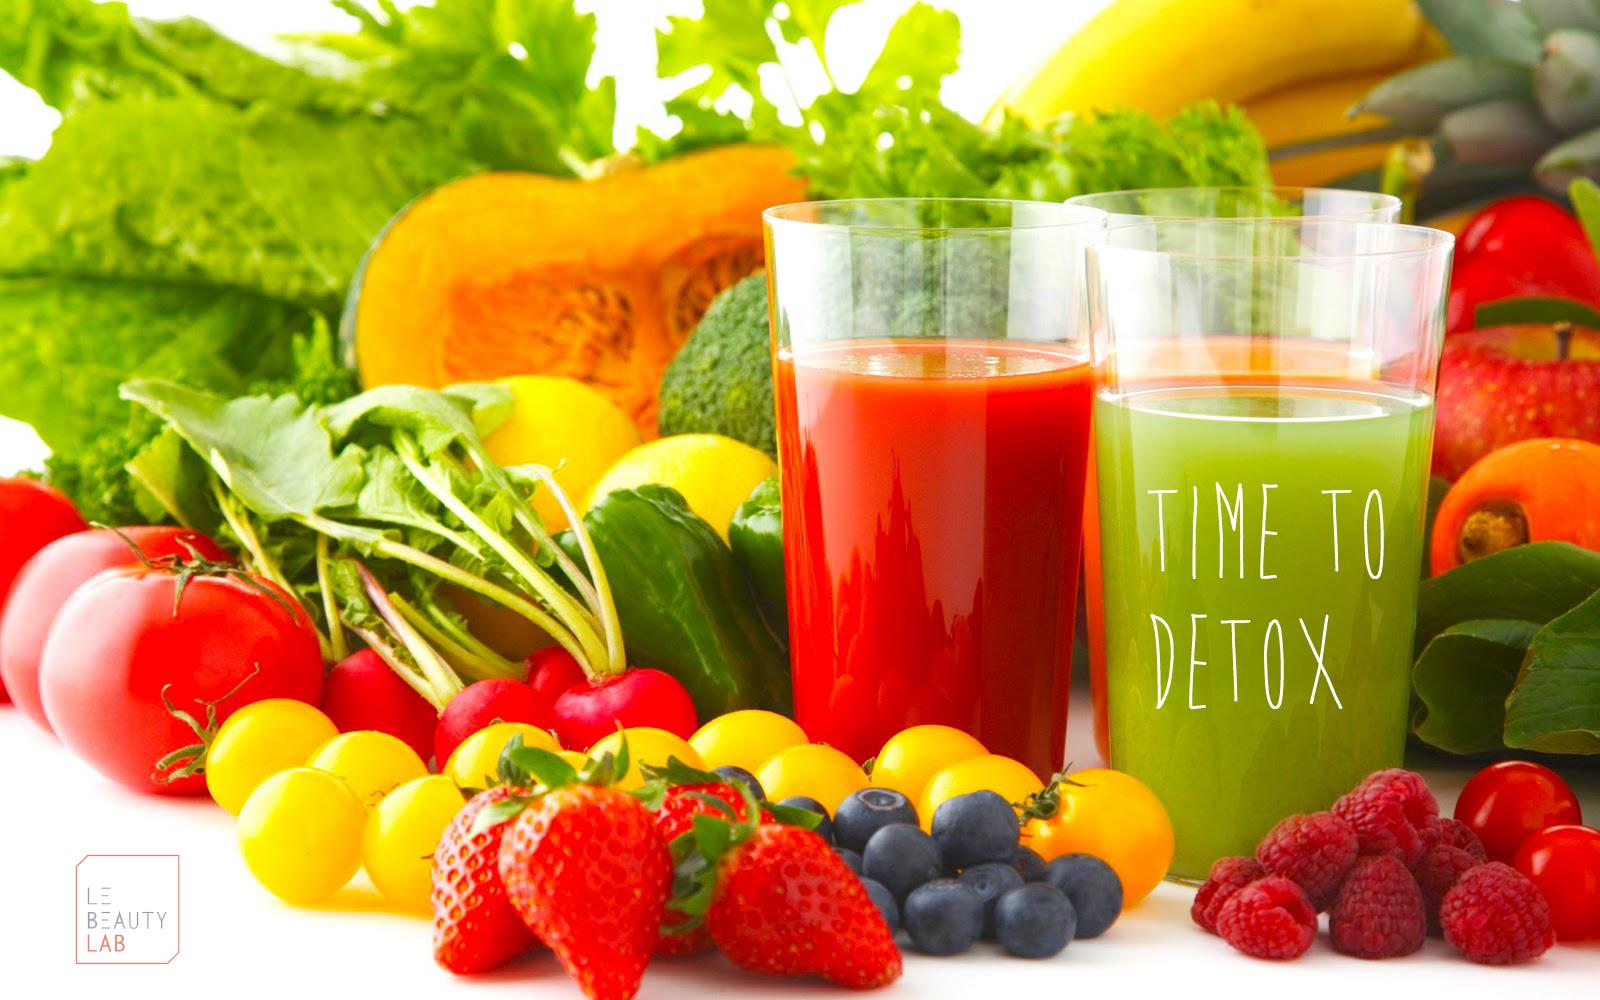 detoxifiere 7 zile)